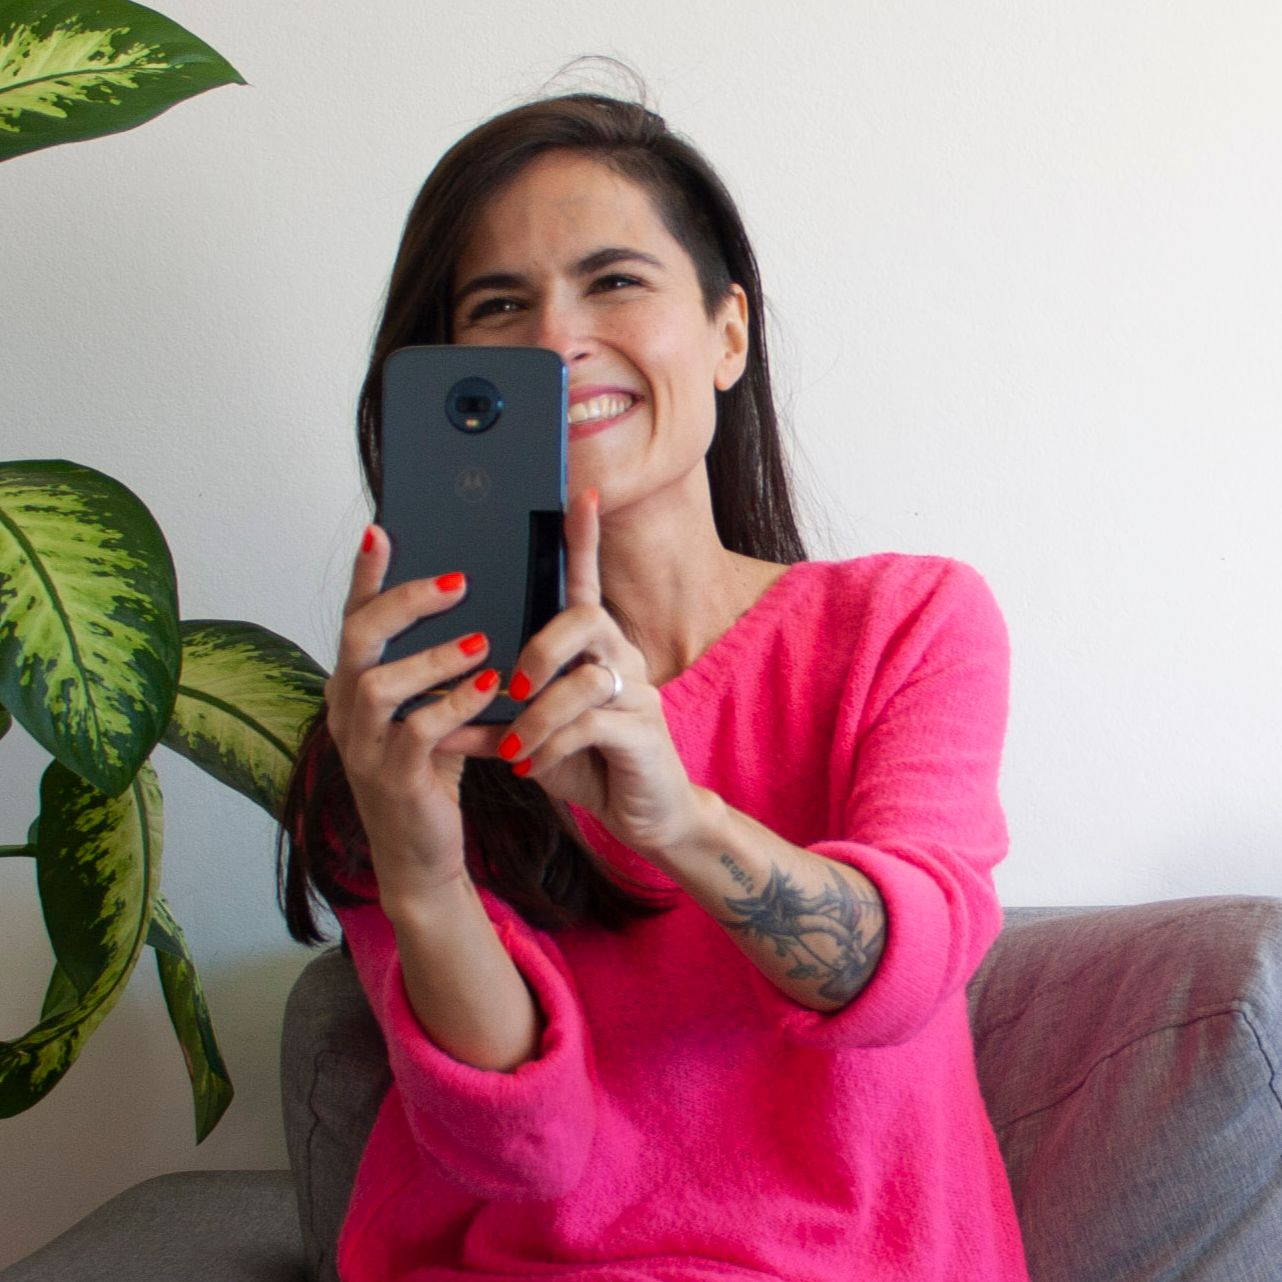 Jimena Natalia Rodriguez